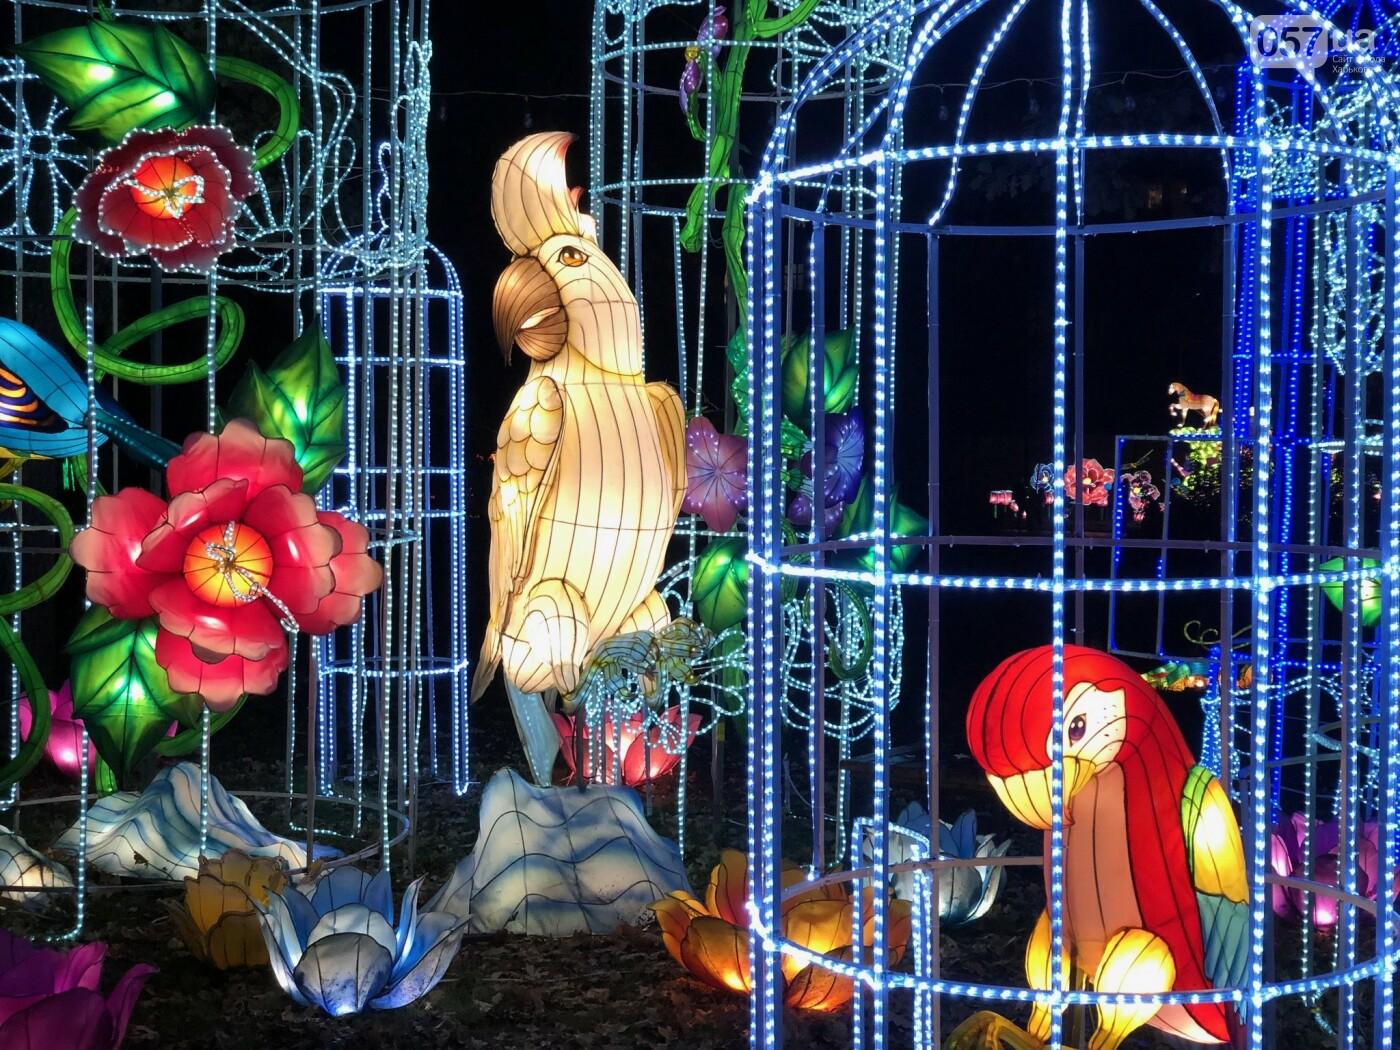 Харьков зажигает огни: что ждет посетителей Фестиваля гигантских китайских фонарей, фото-1